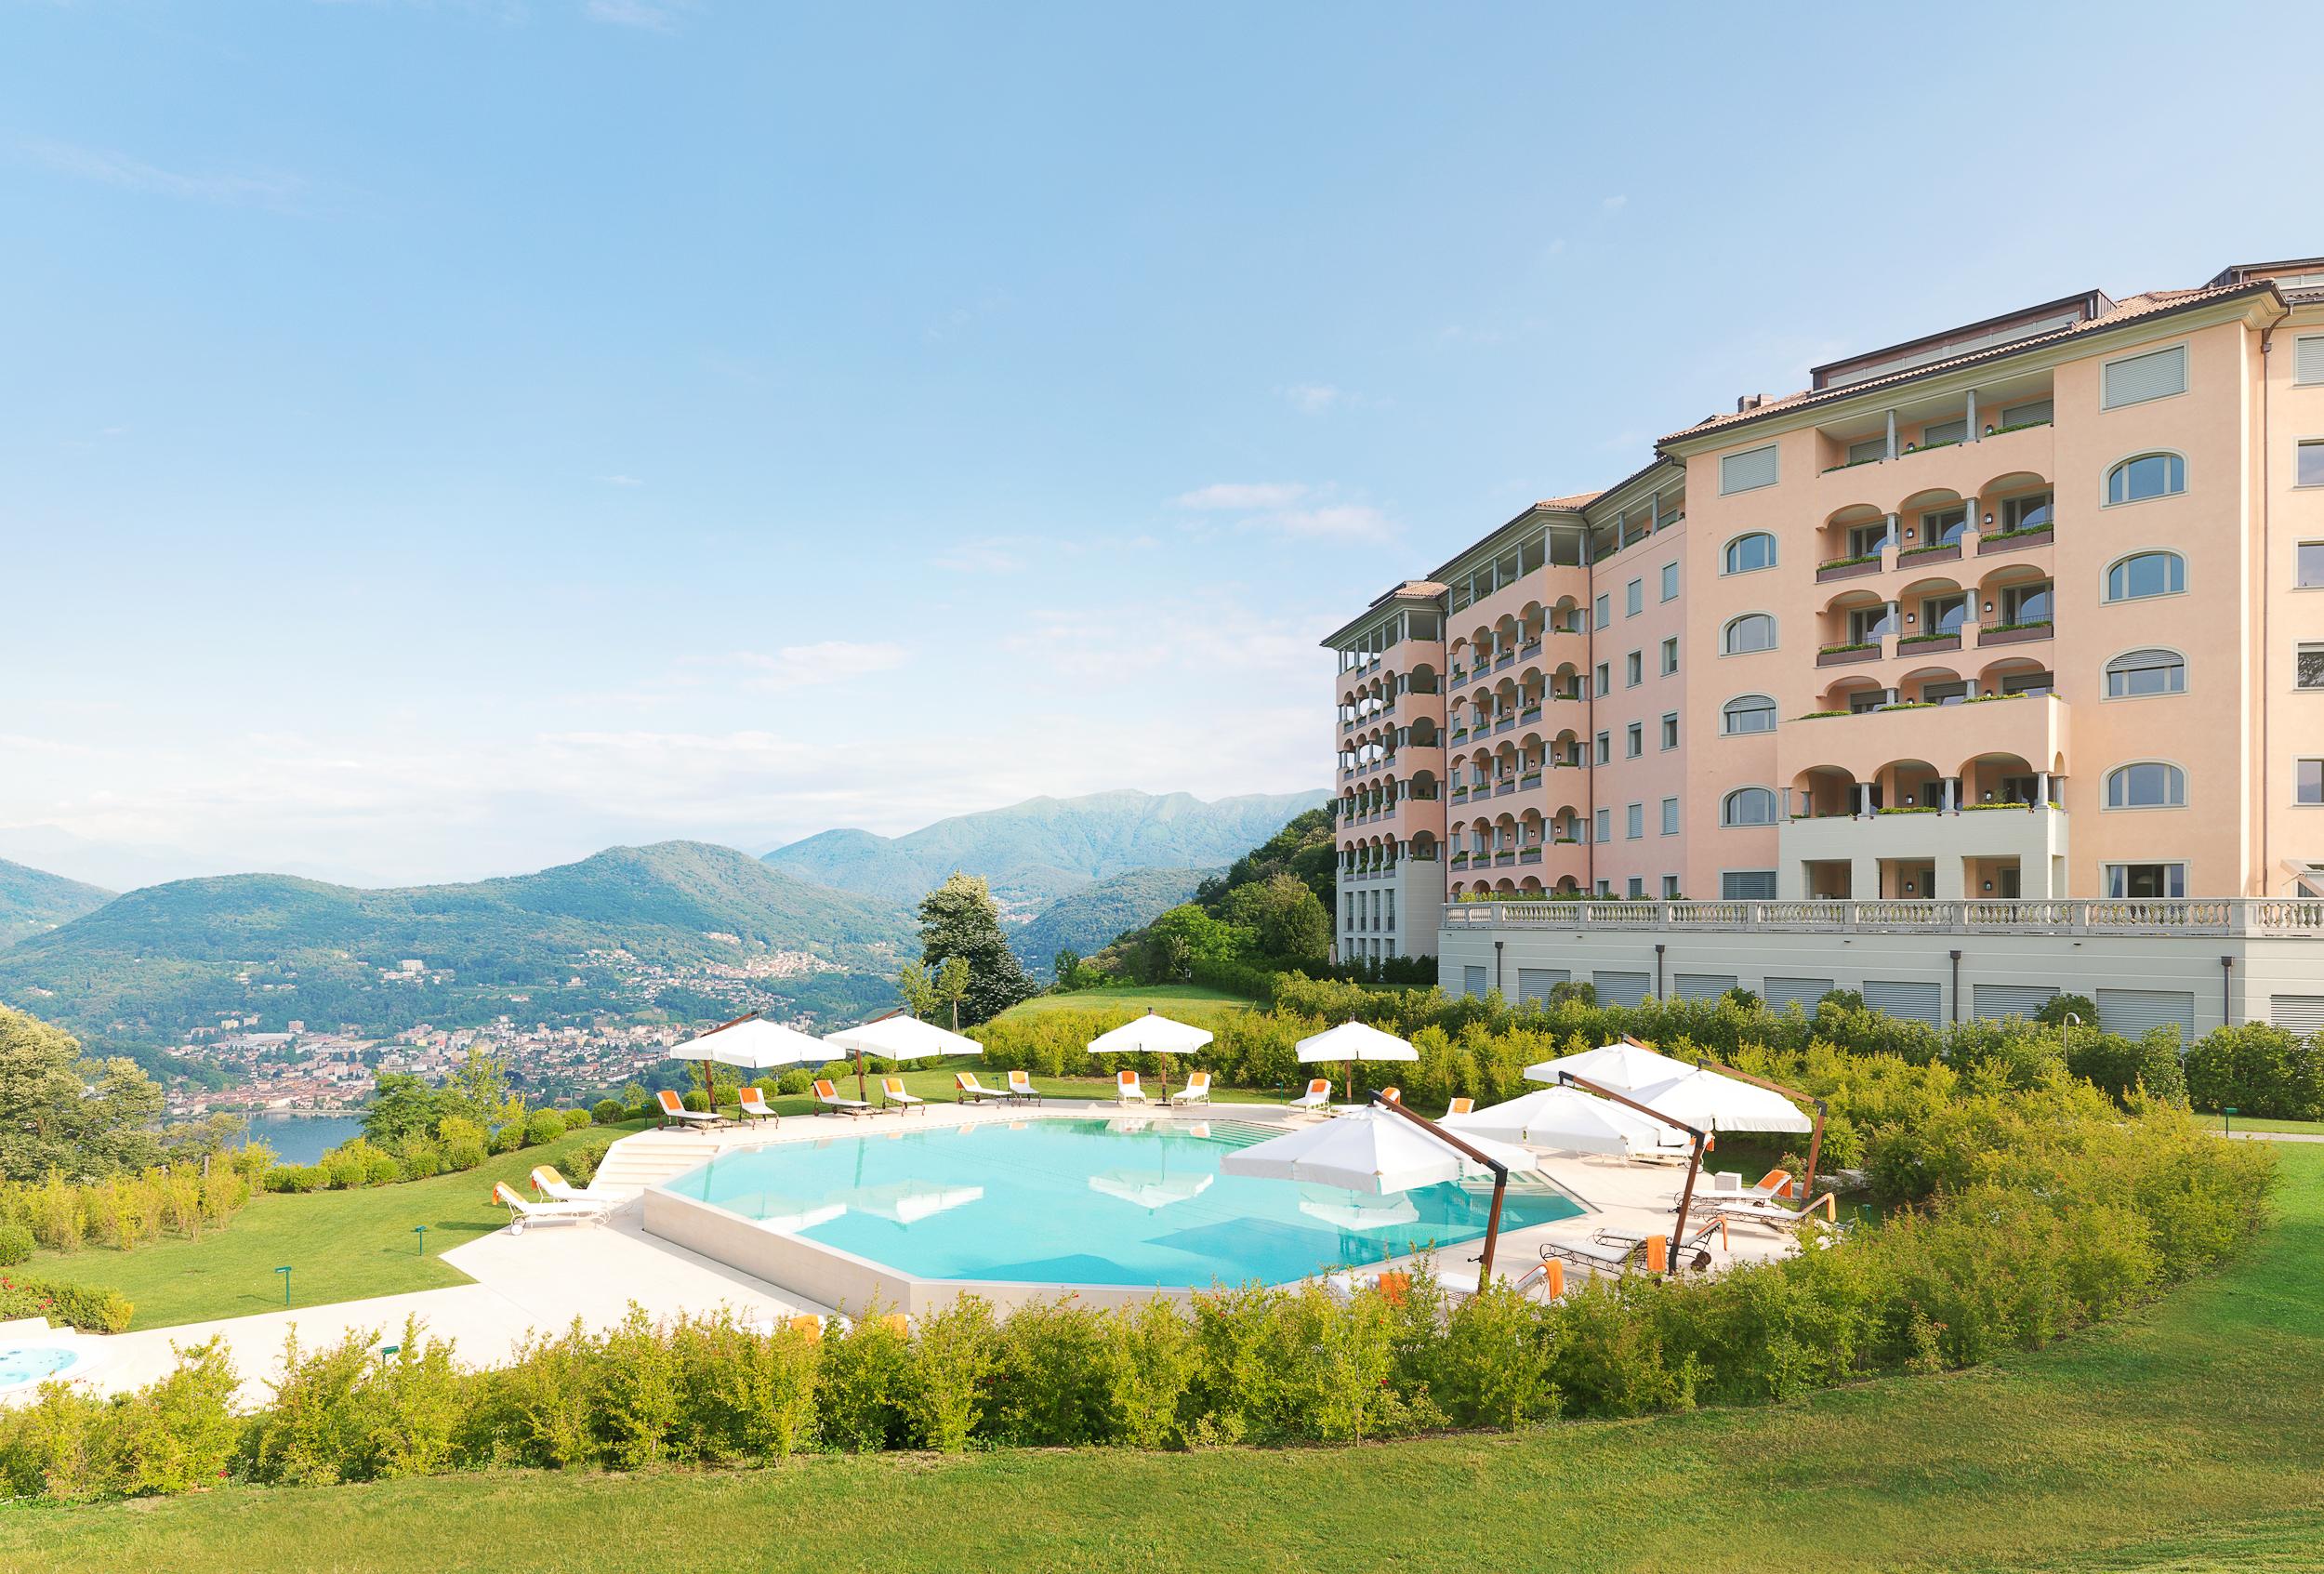 Resort Collina D'Oro, Lugano